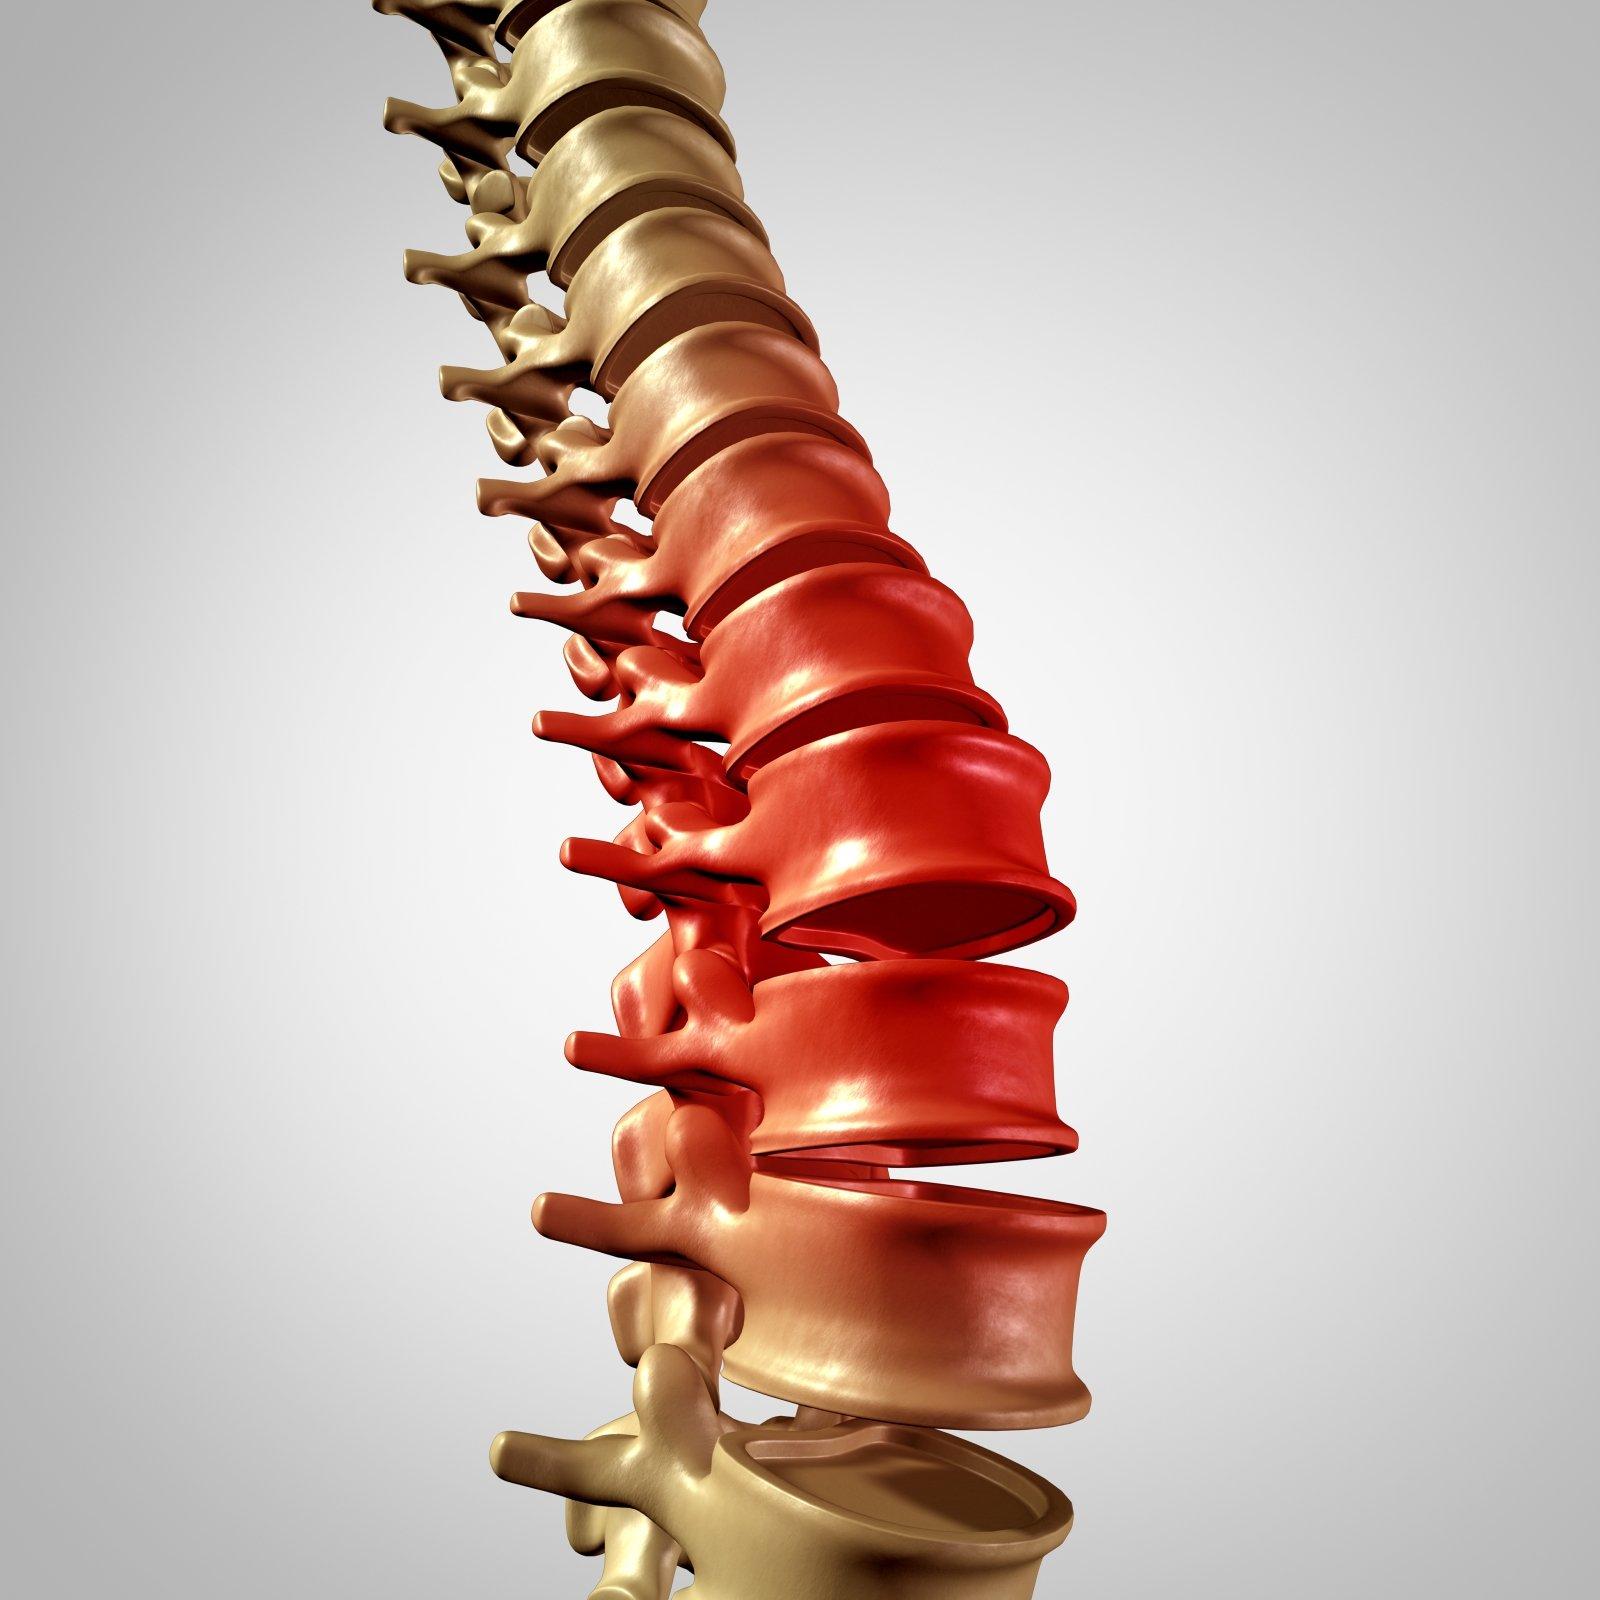 Dolore della colonna vertebrale e mal di schiena e mal di schiena umana con scheletro tridimensionale del corpo spinale